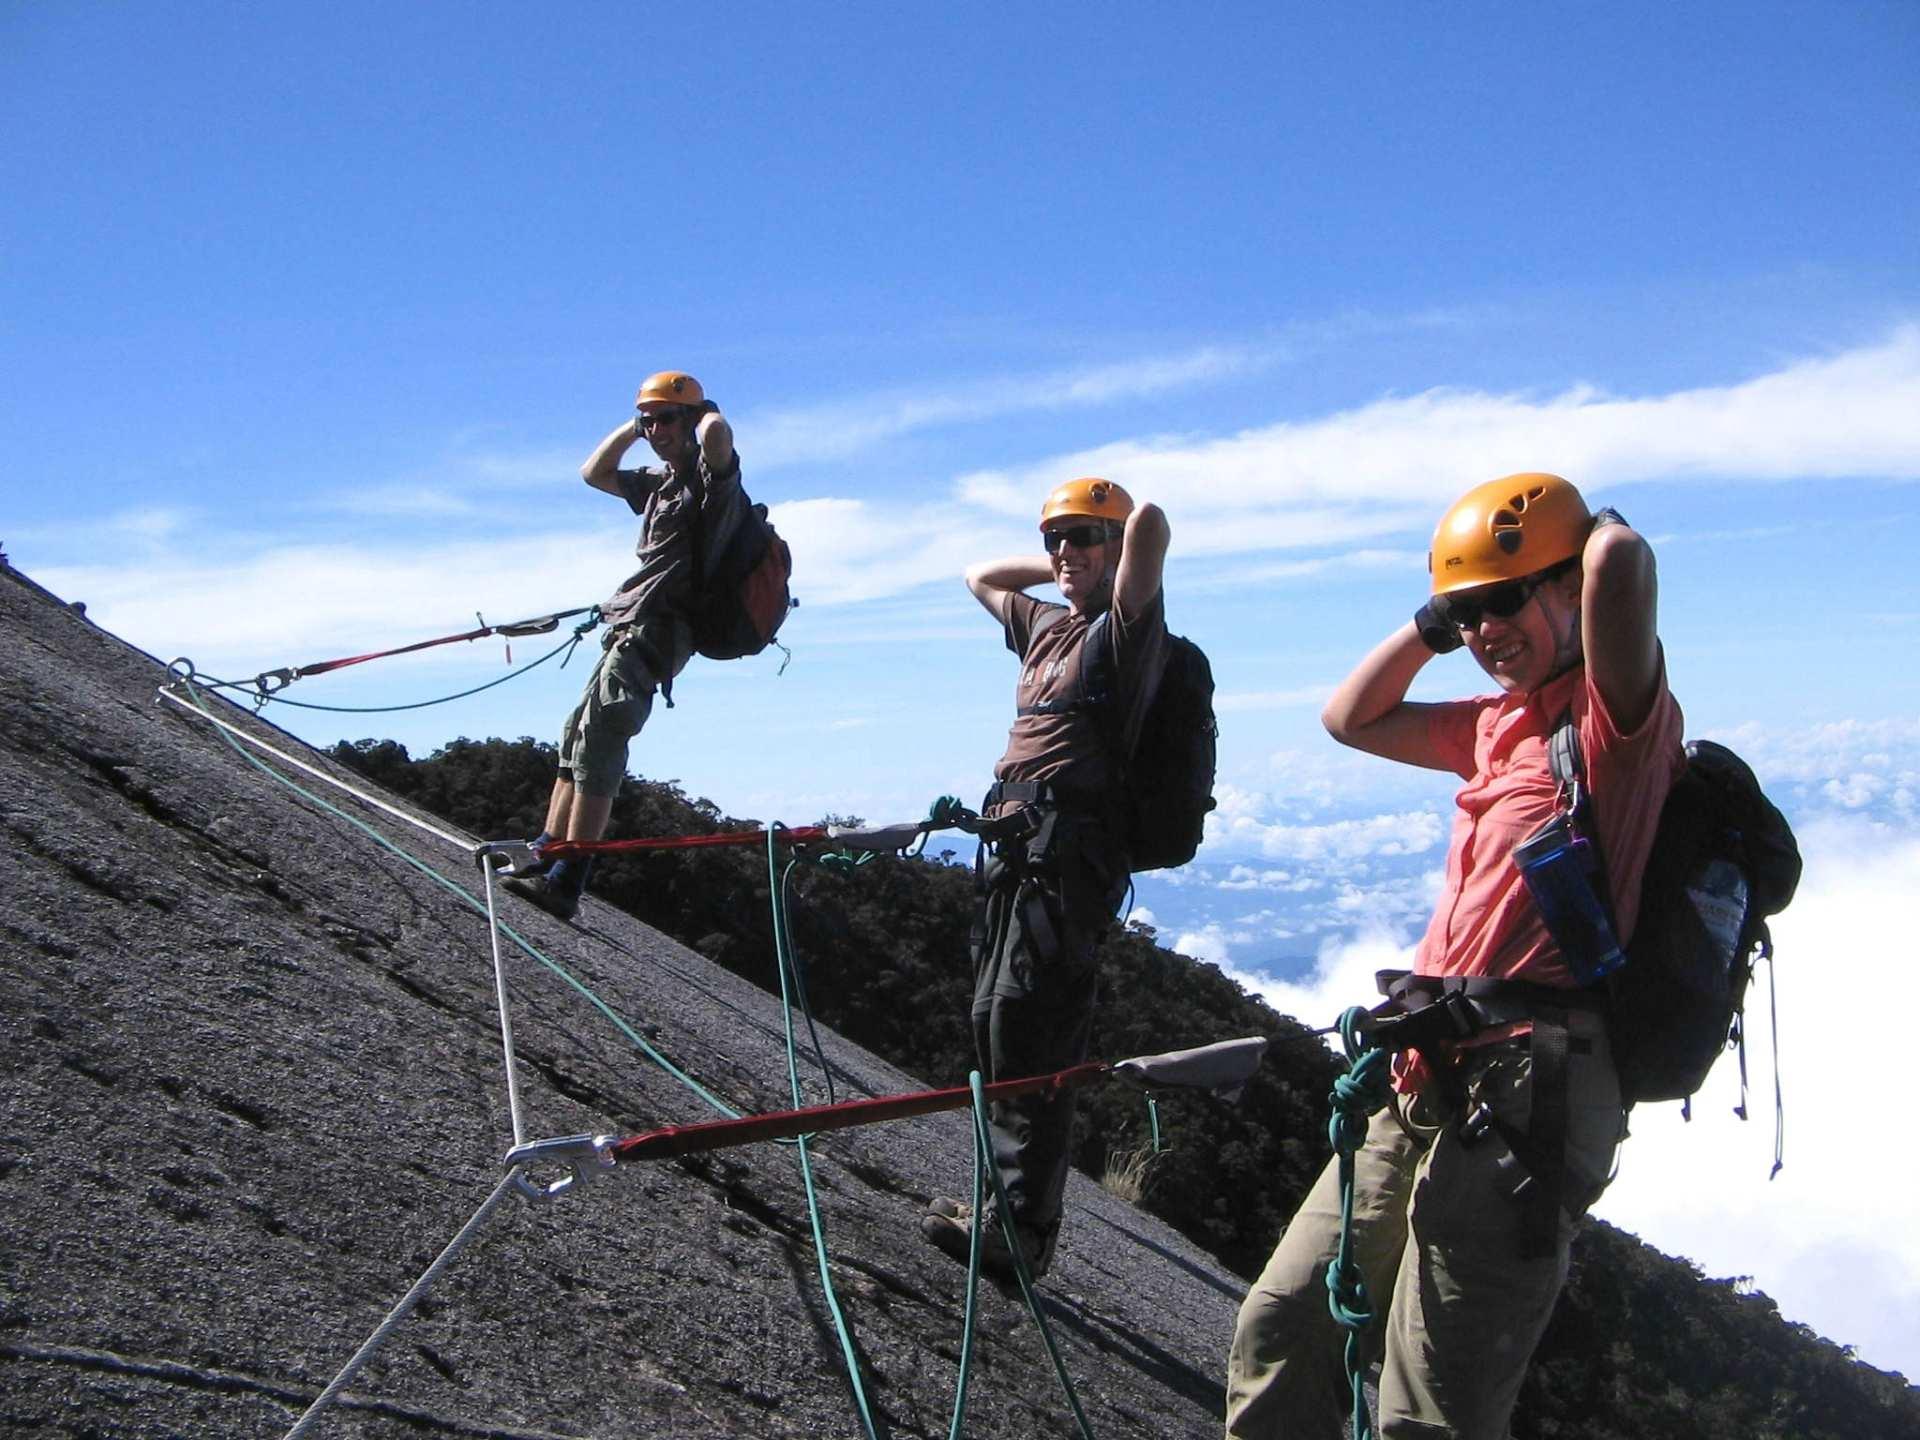 【鐵索攀岩神山行】沙巴 Walk The Torq 2 天 1 夜登山體驗